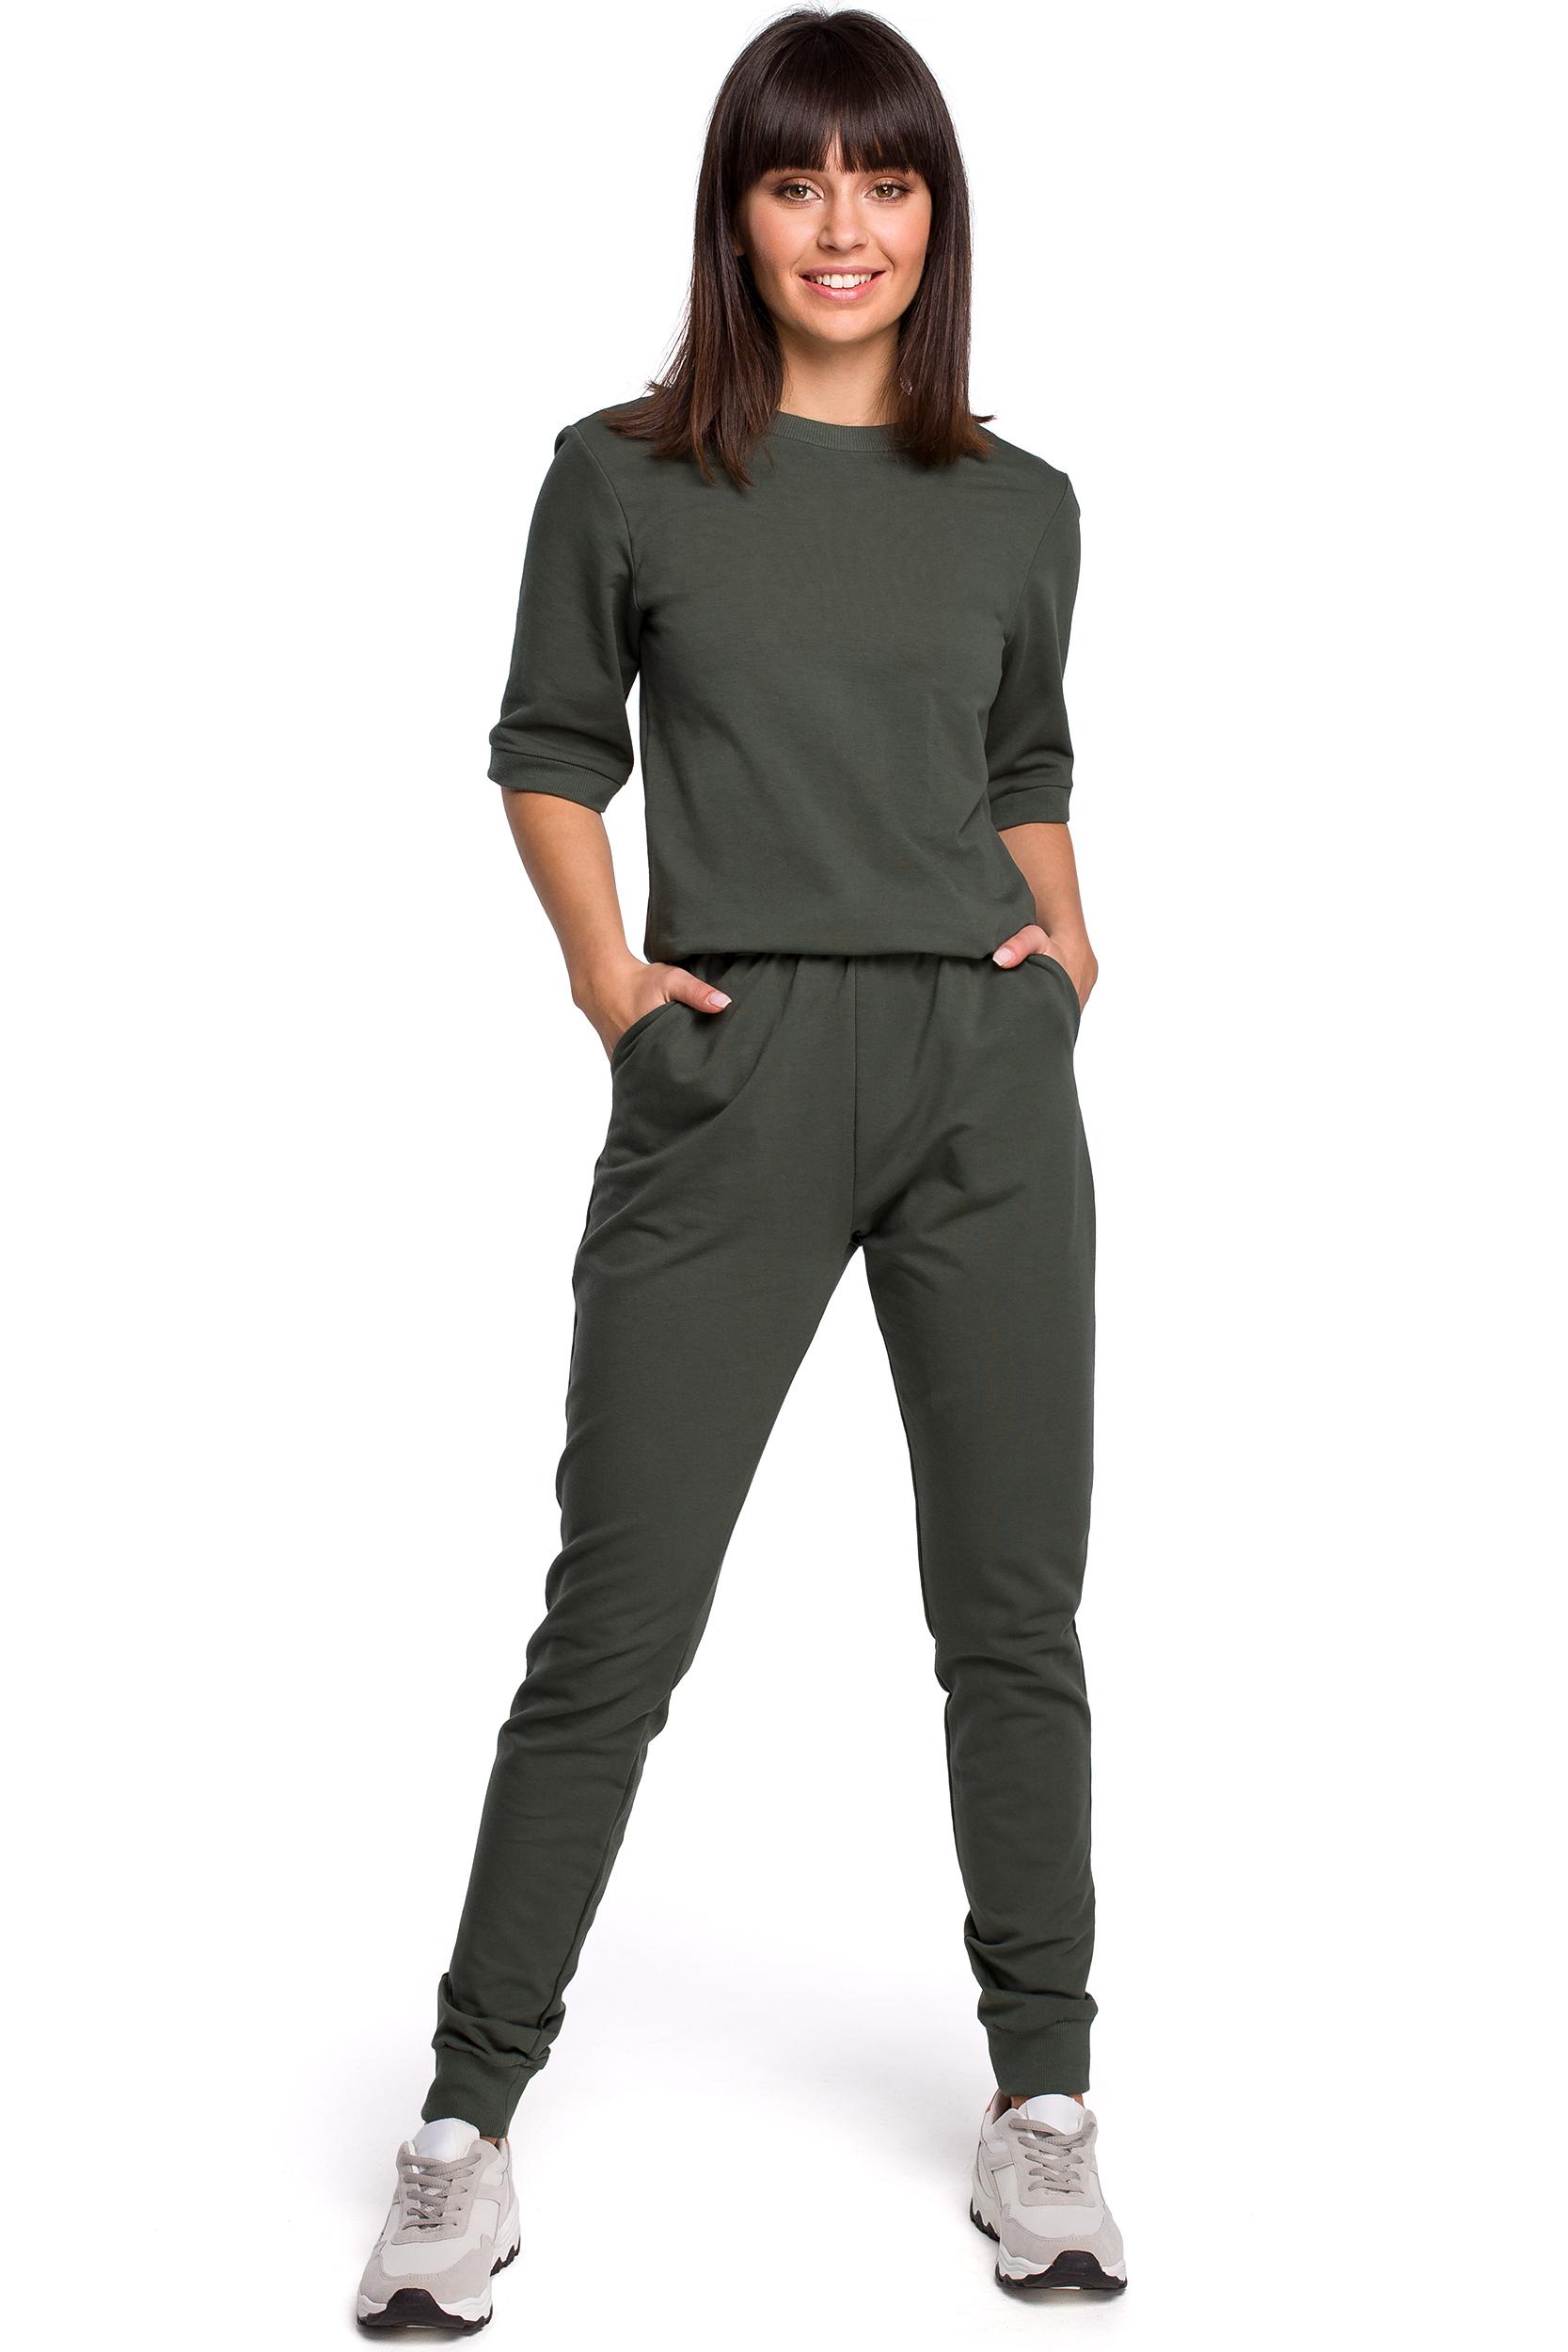 Modernistyczne Damski kombinezon dresowy z dekoltem na plecach khaki EN32